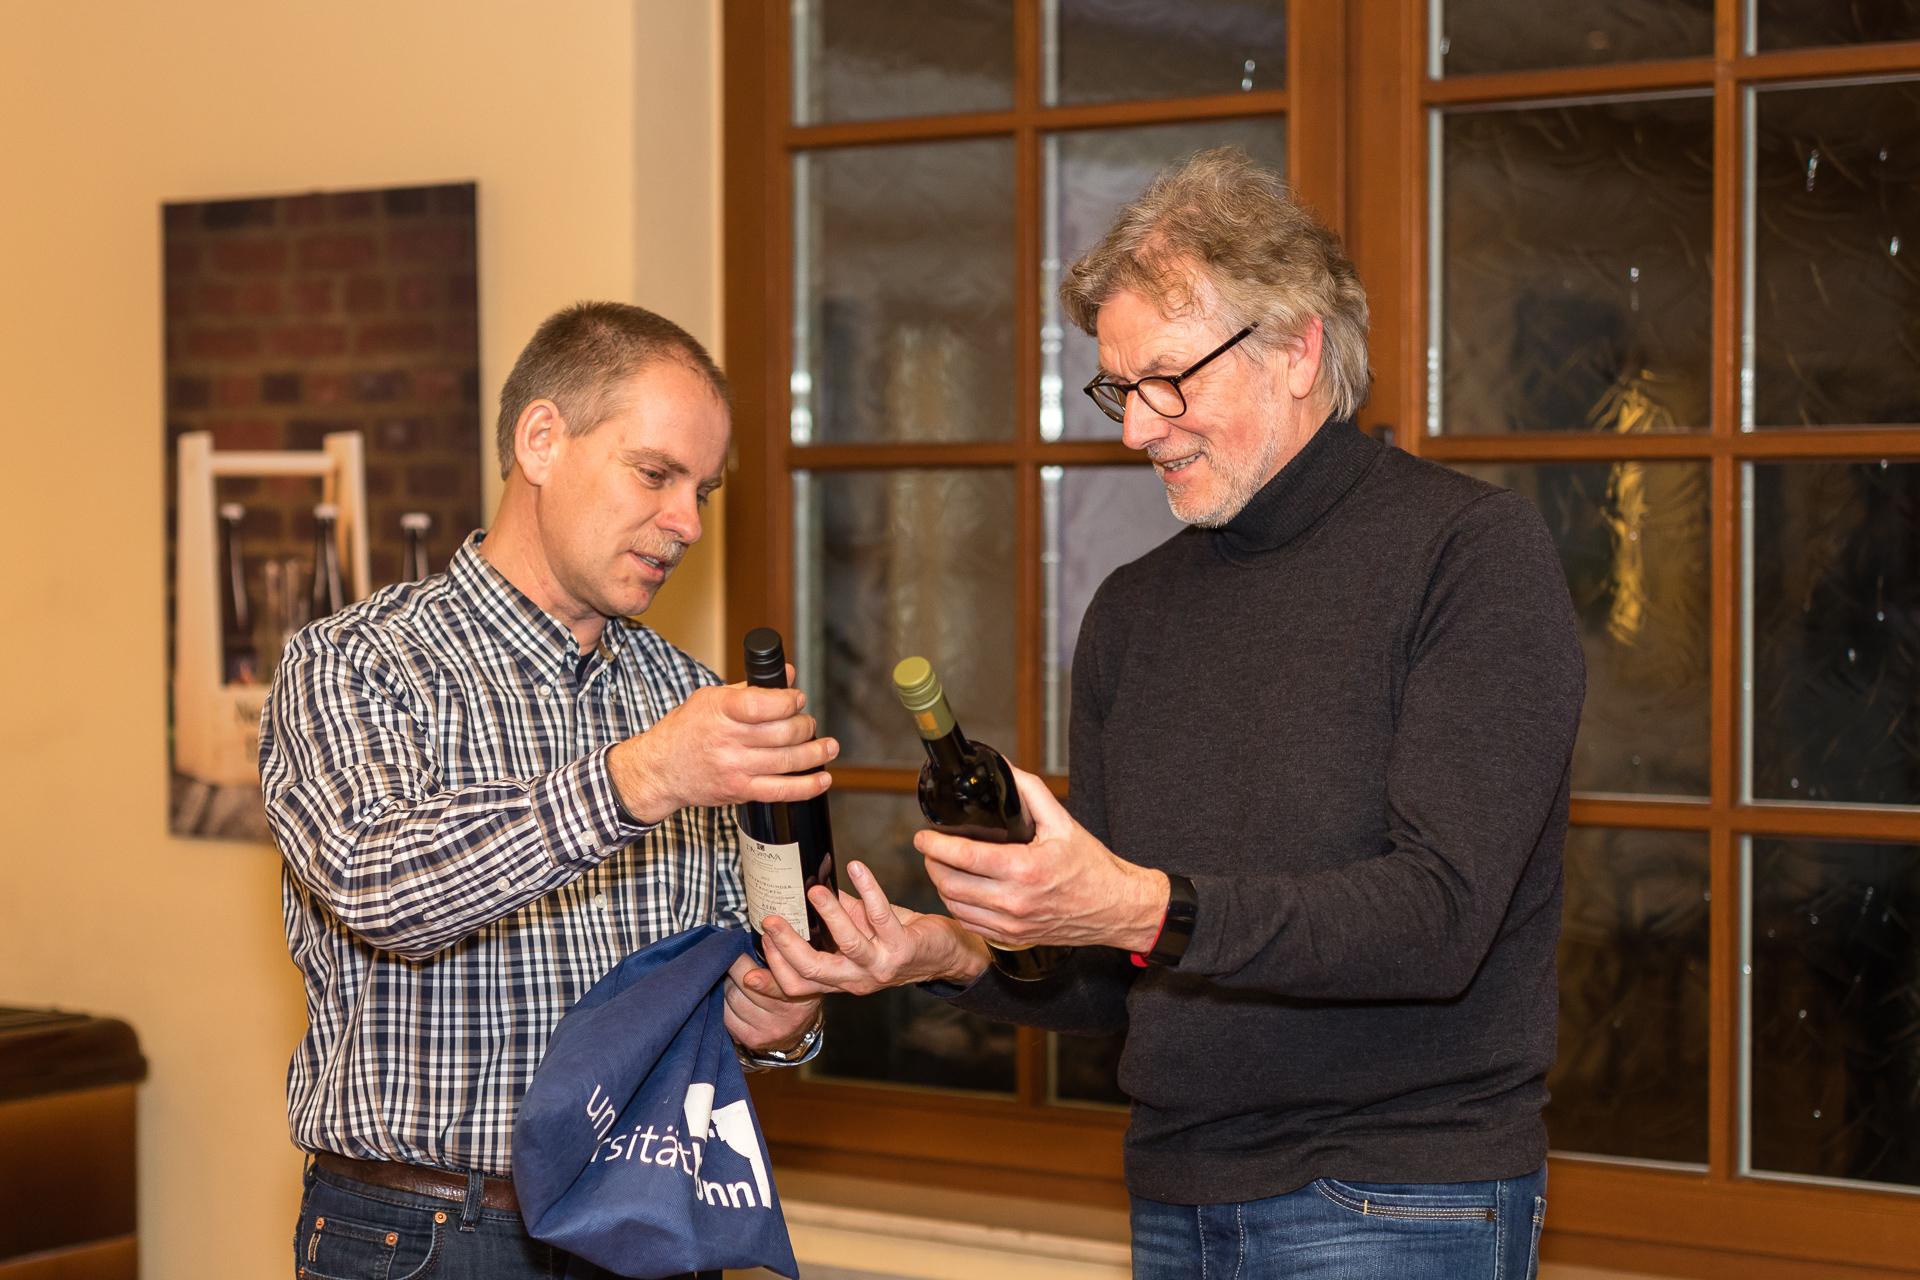 Jens Woitol bedankt sich bei Norbert Tange für die geleistete Vorstandsarbeit (Foto: Andreas Sebald)